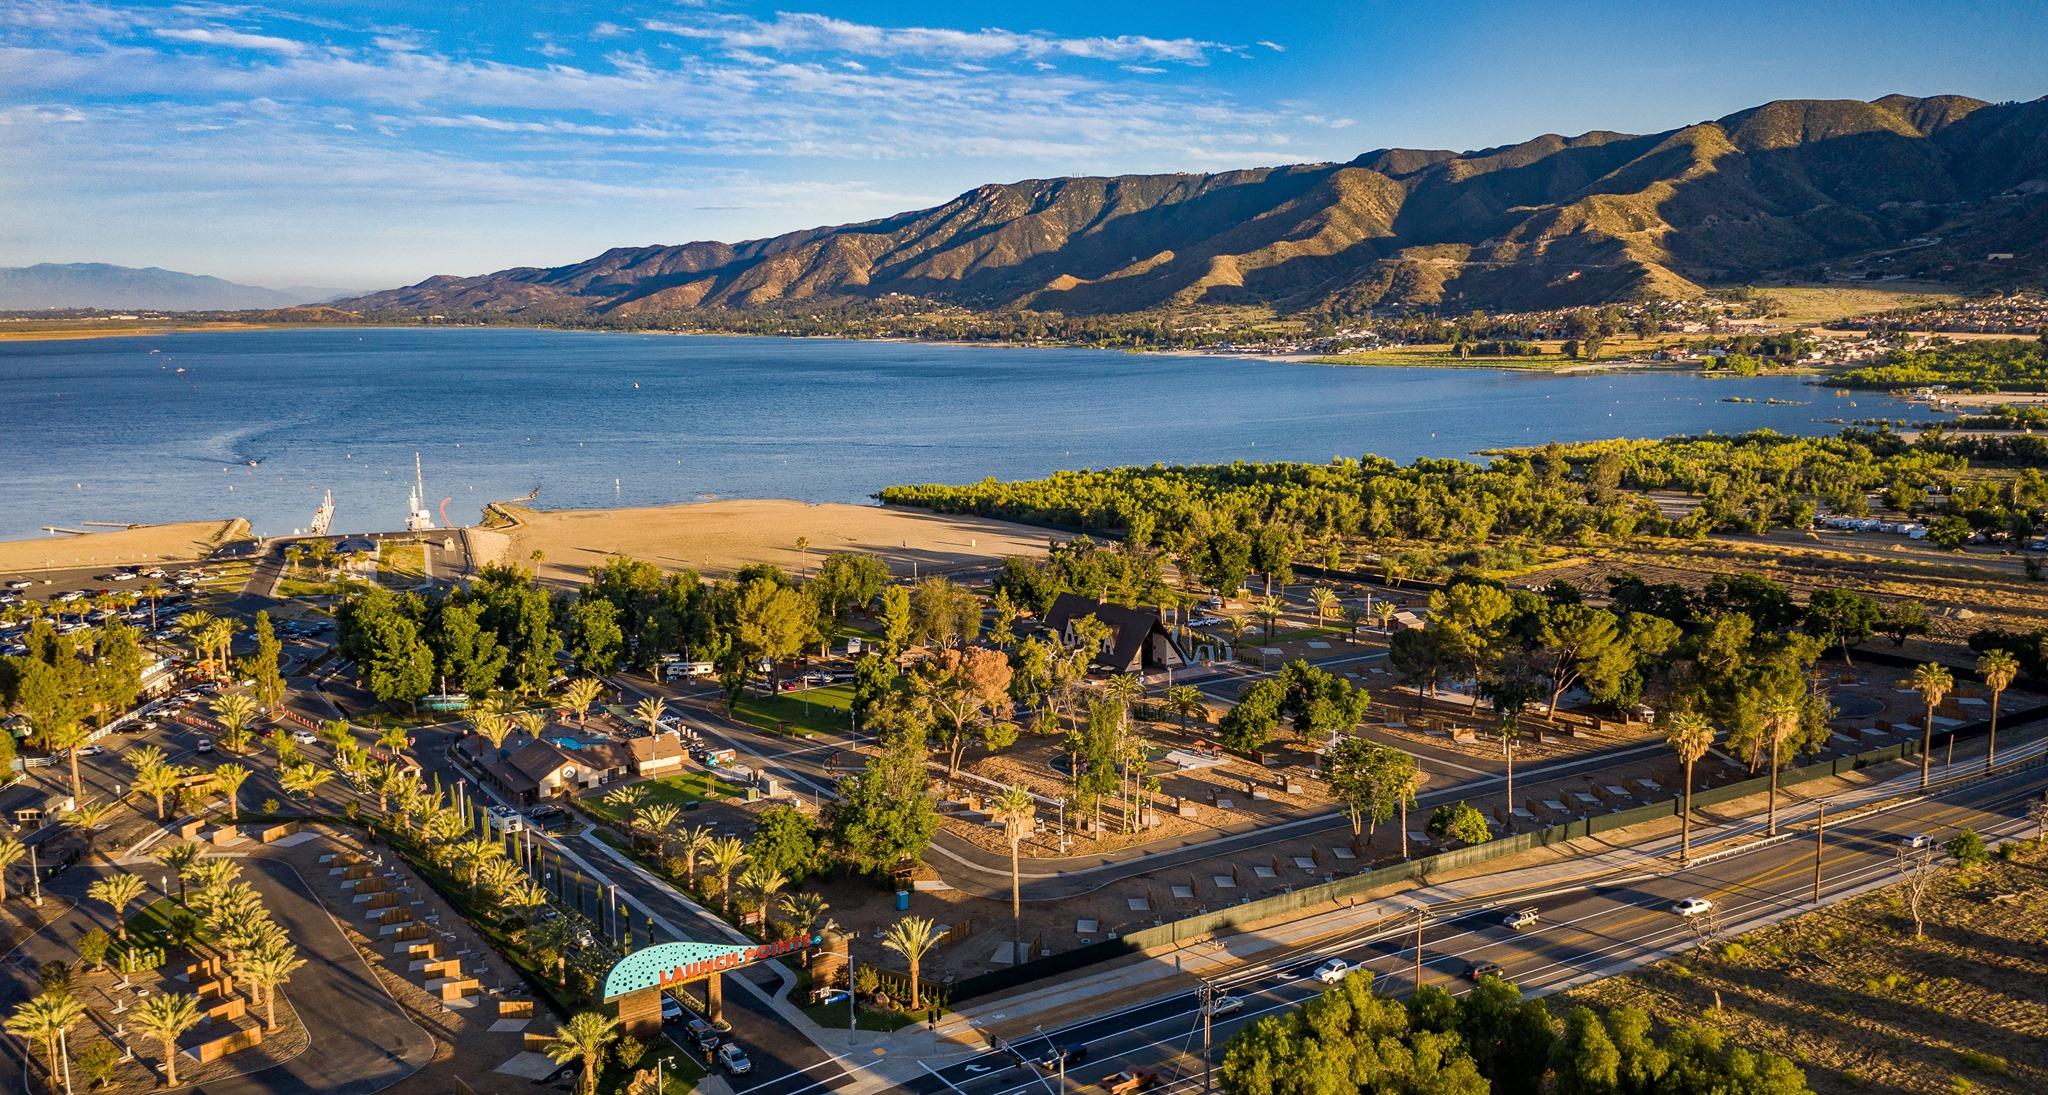 City of Lake Elsinore